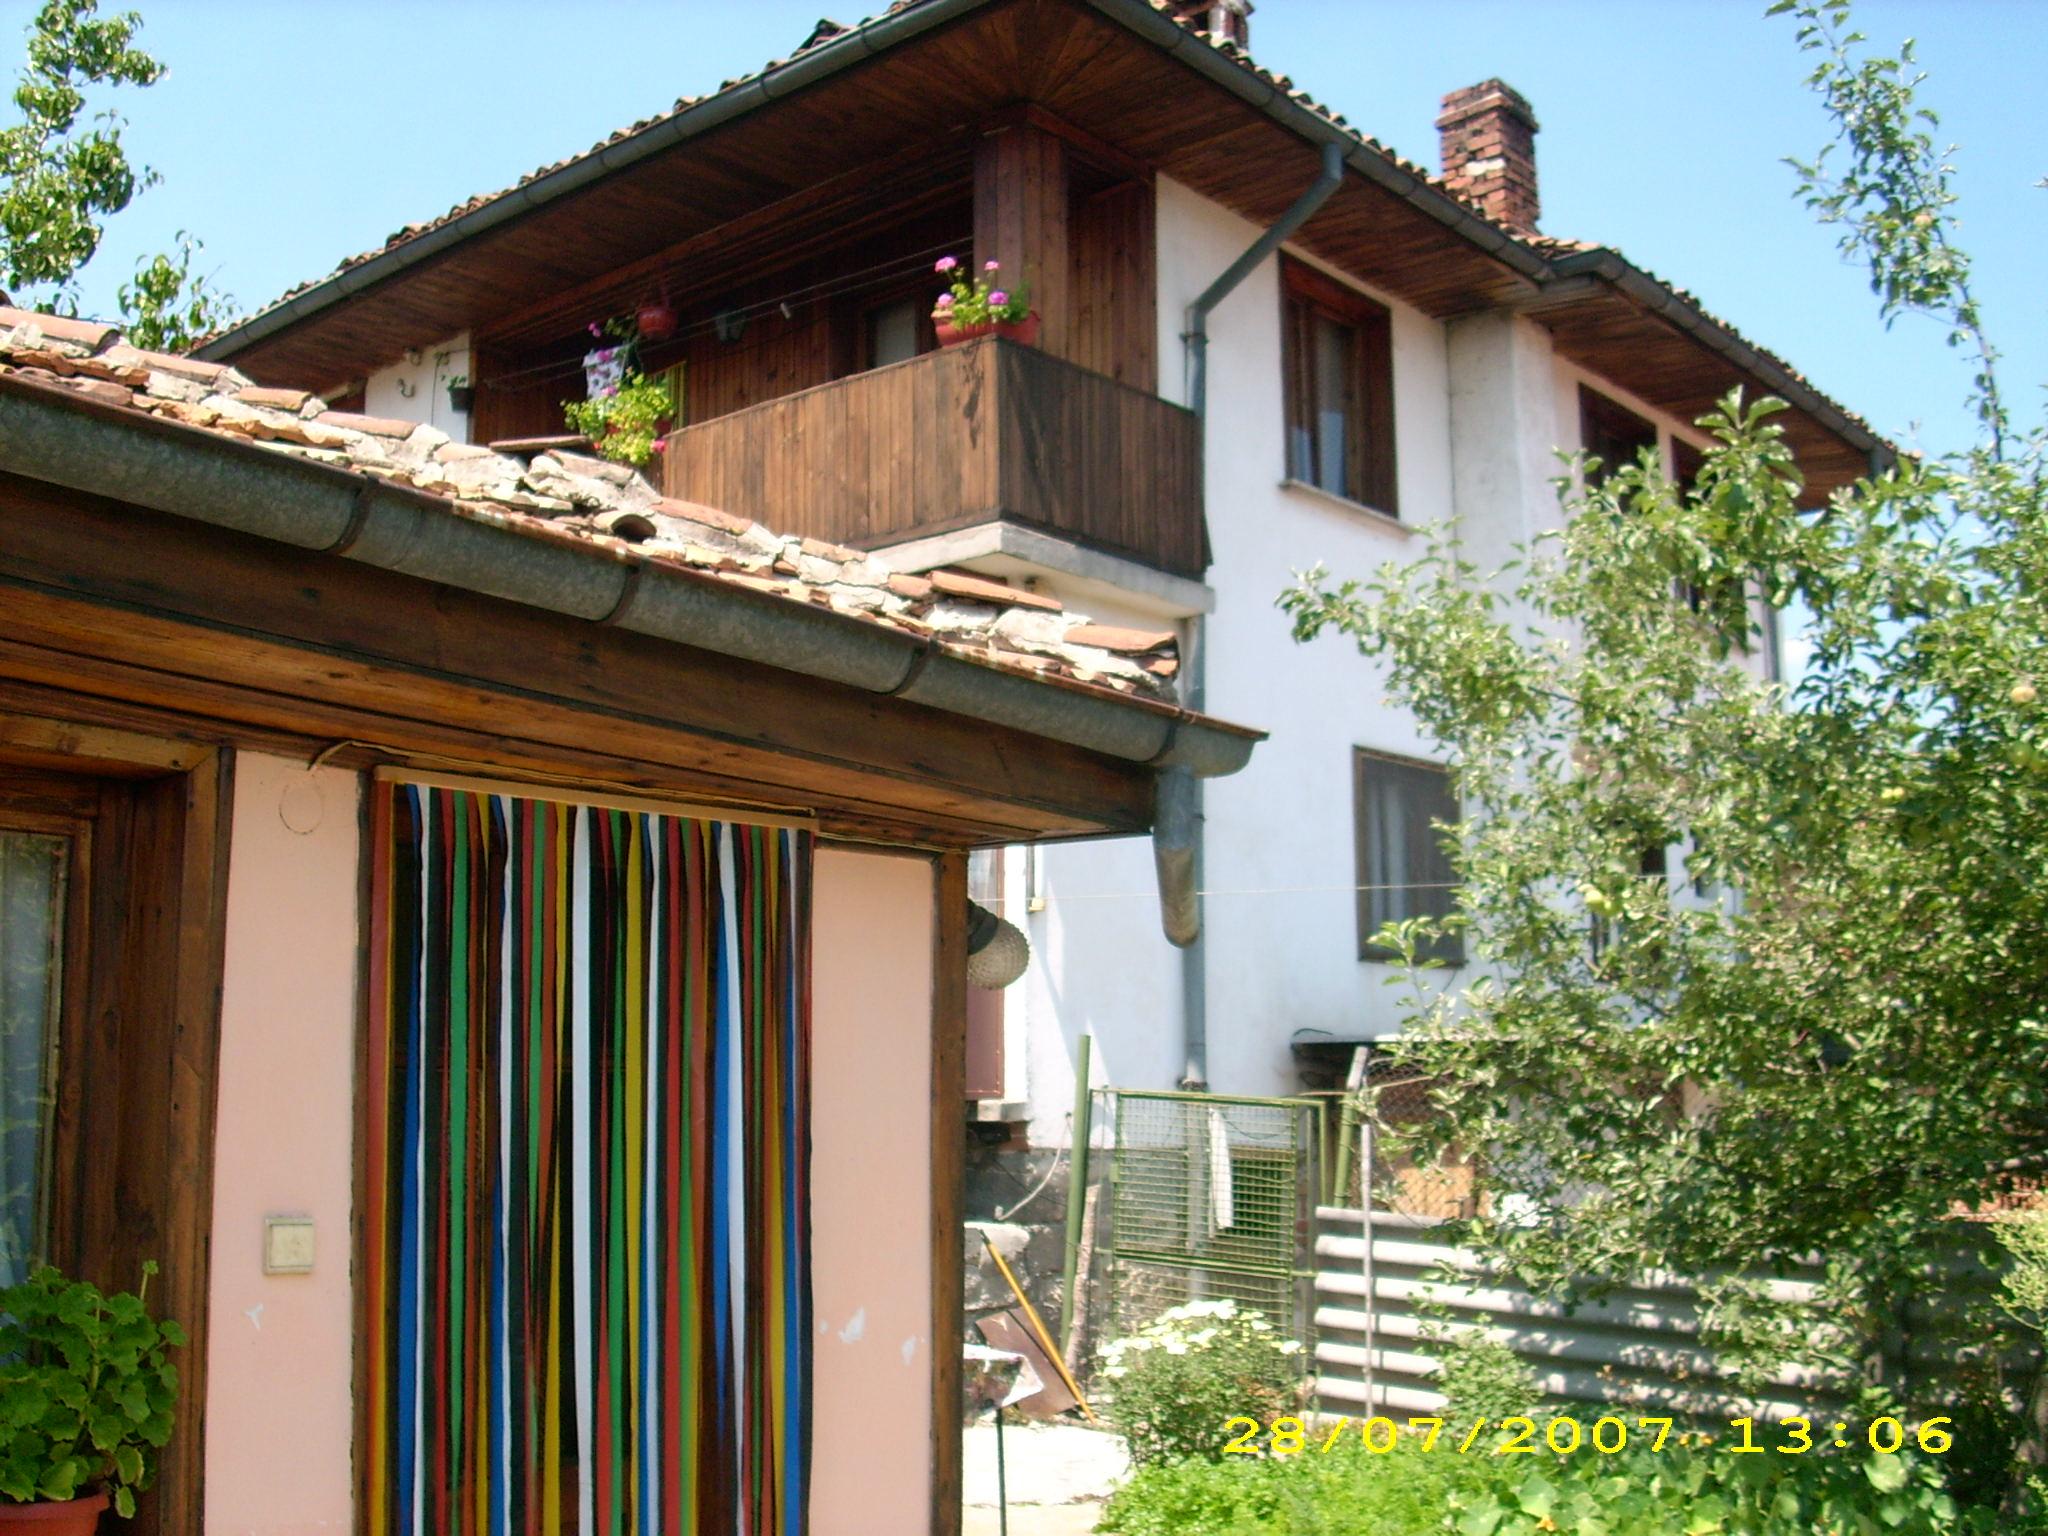 продавам нова,съвременна къща в старинен стил в гр.Копривщица